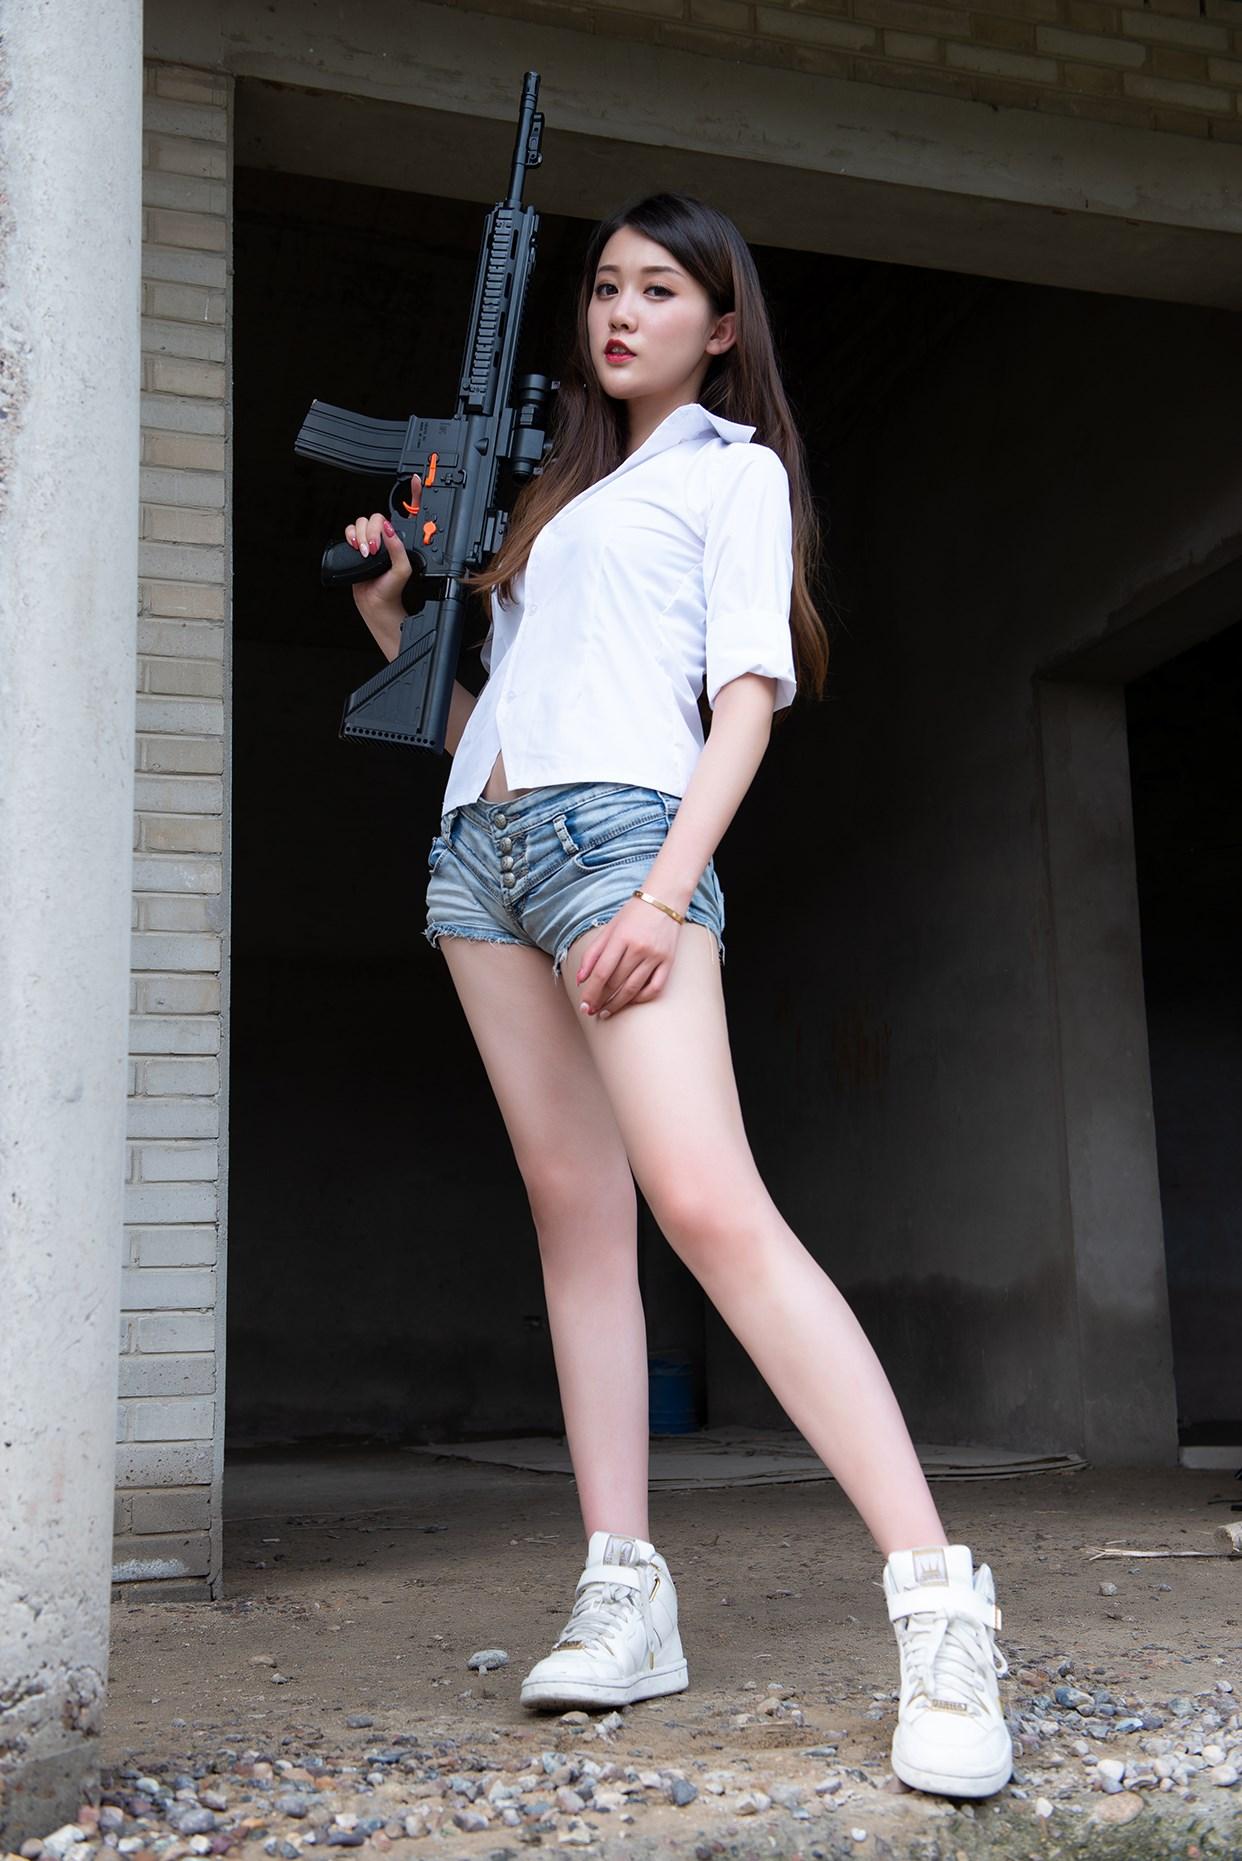 【兔玩映画】狙击少女 兔玩映画 第31张